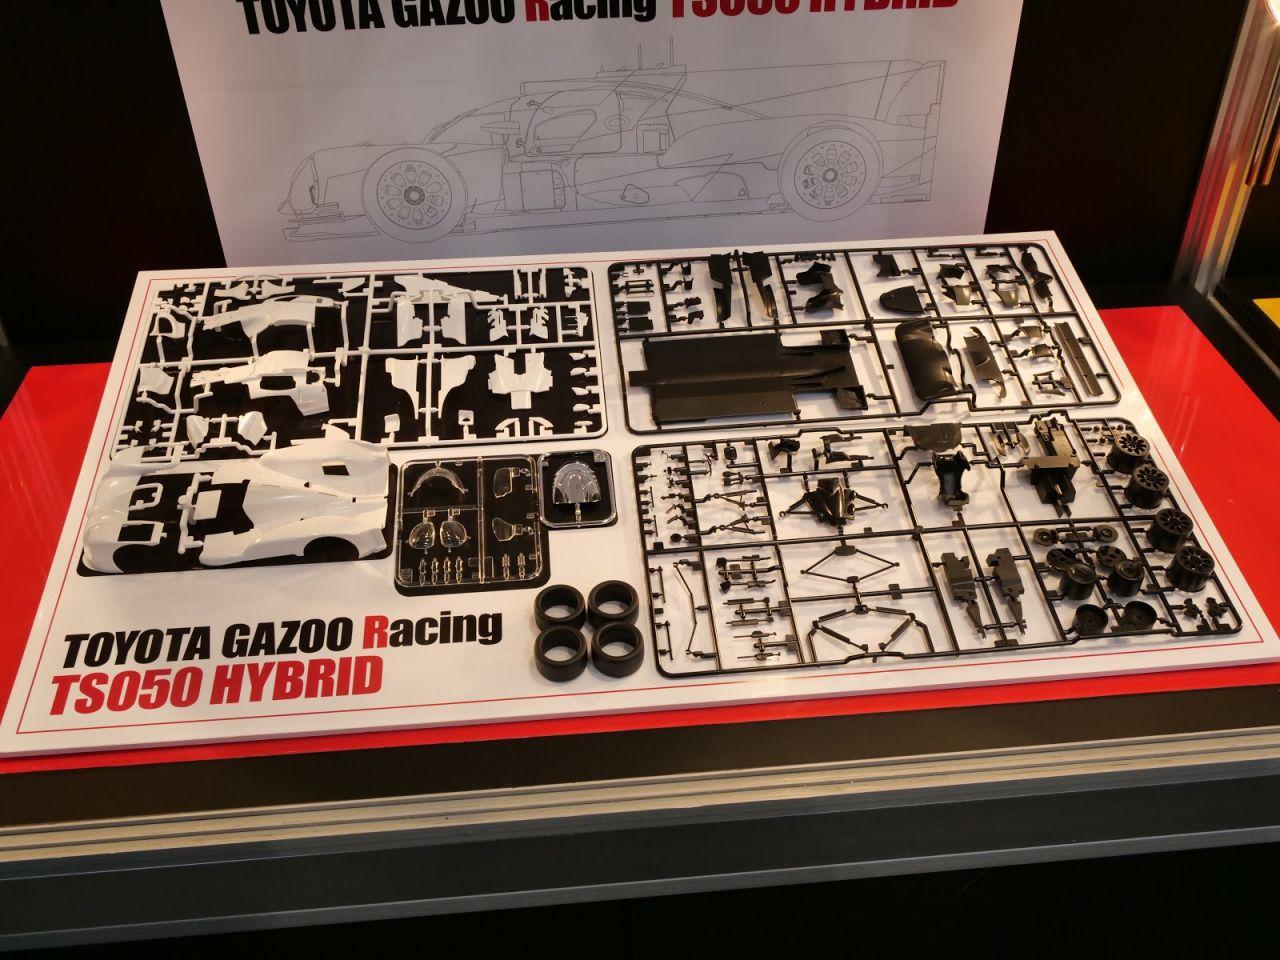 Tamiya 24349 Toyota Gazoo Racing TS050 Hybrid